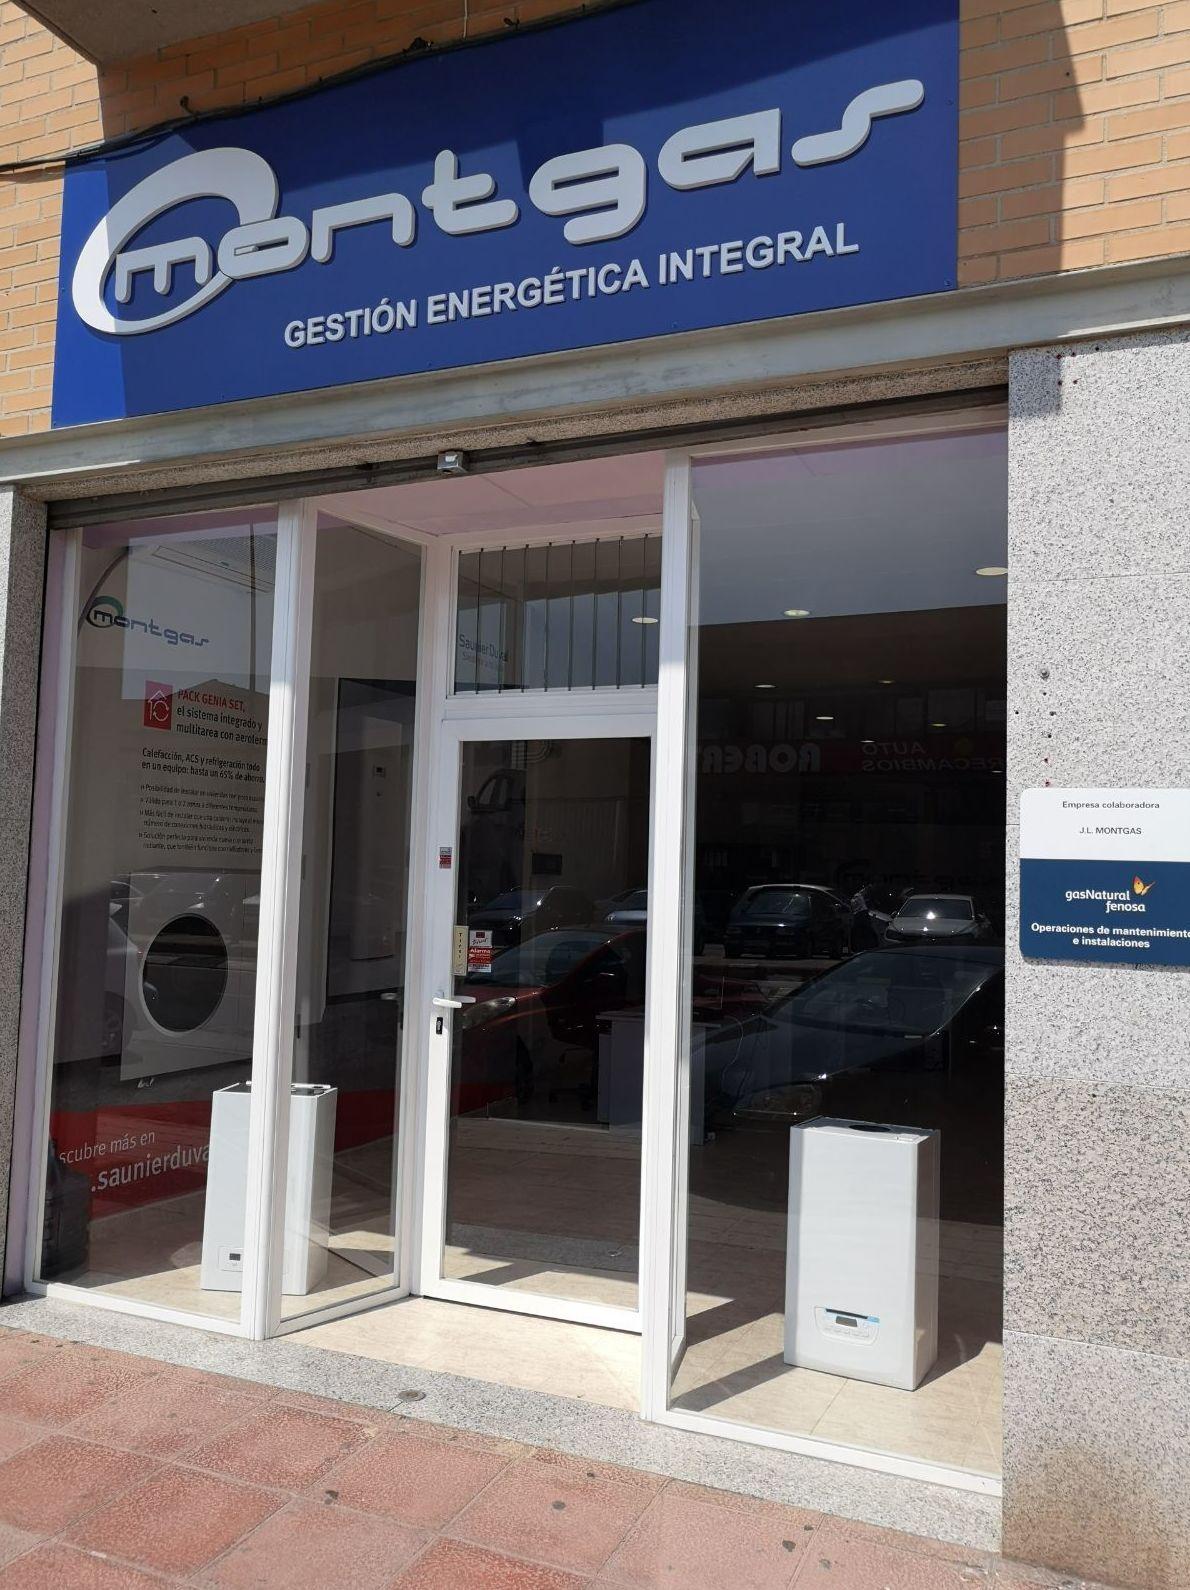 Foto 3 de Venta y reparación de calderas, calentadores, aires acondicionados y electrodomésticos en - Castelló de la Plana | J.L. Montgas, S.L.